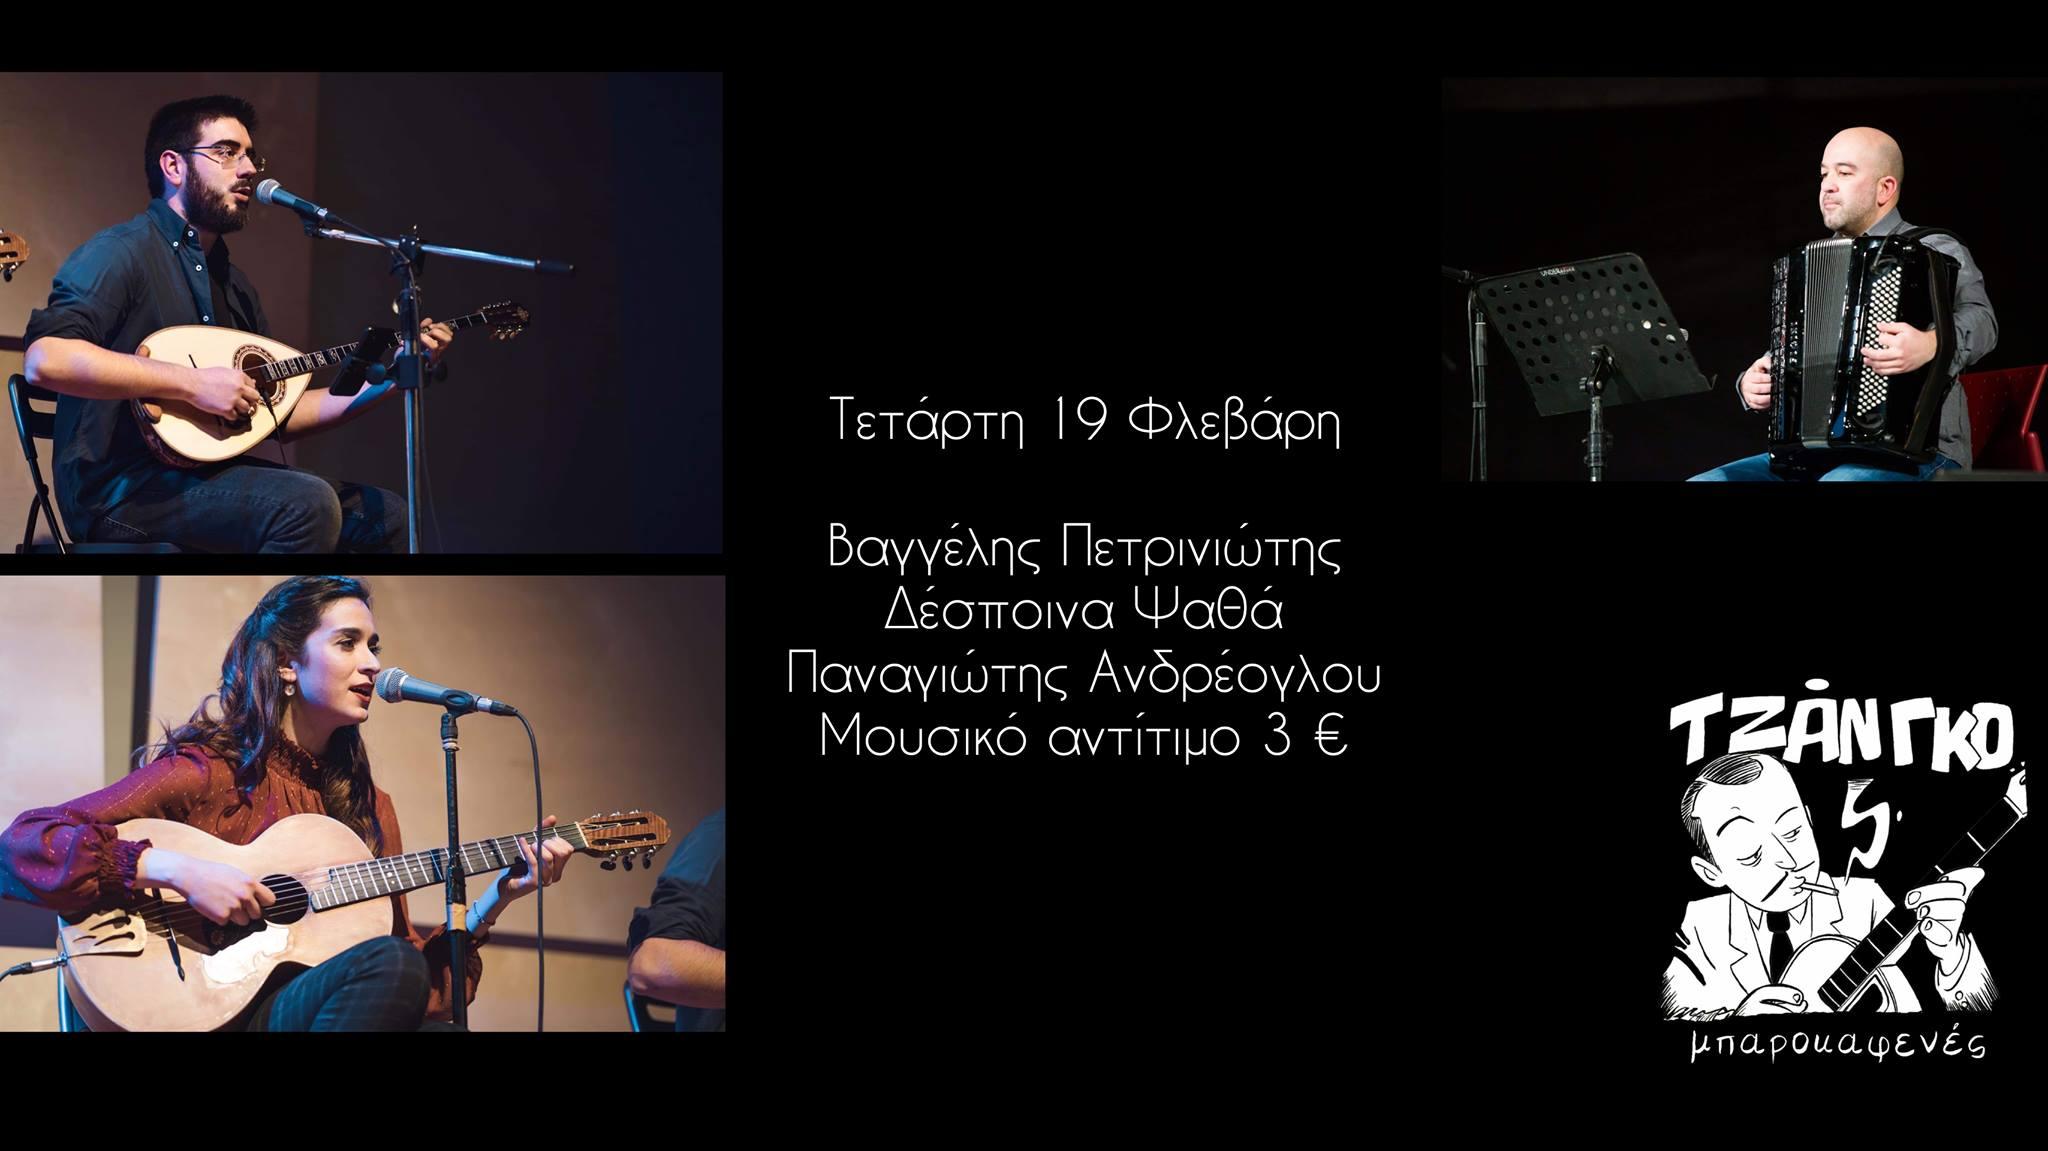 Τζάνγκο Μπαροκαφενές | Θεσσαλονίκη (19-02-2020)